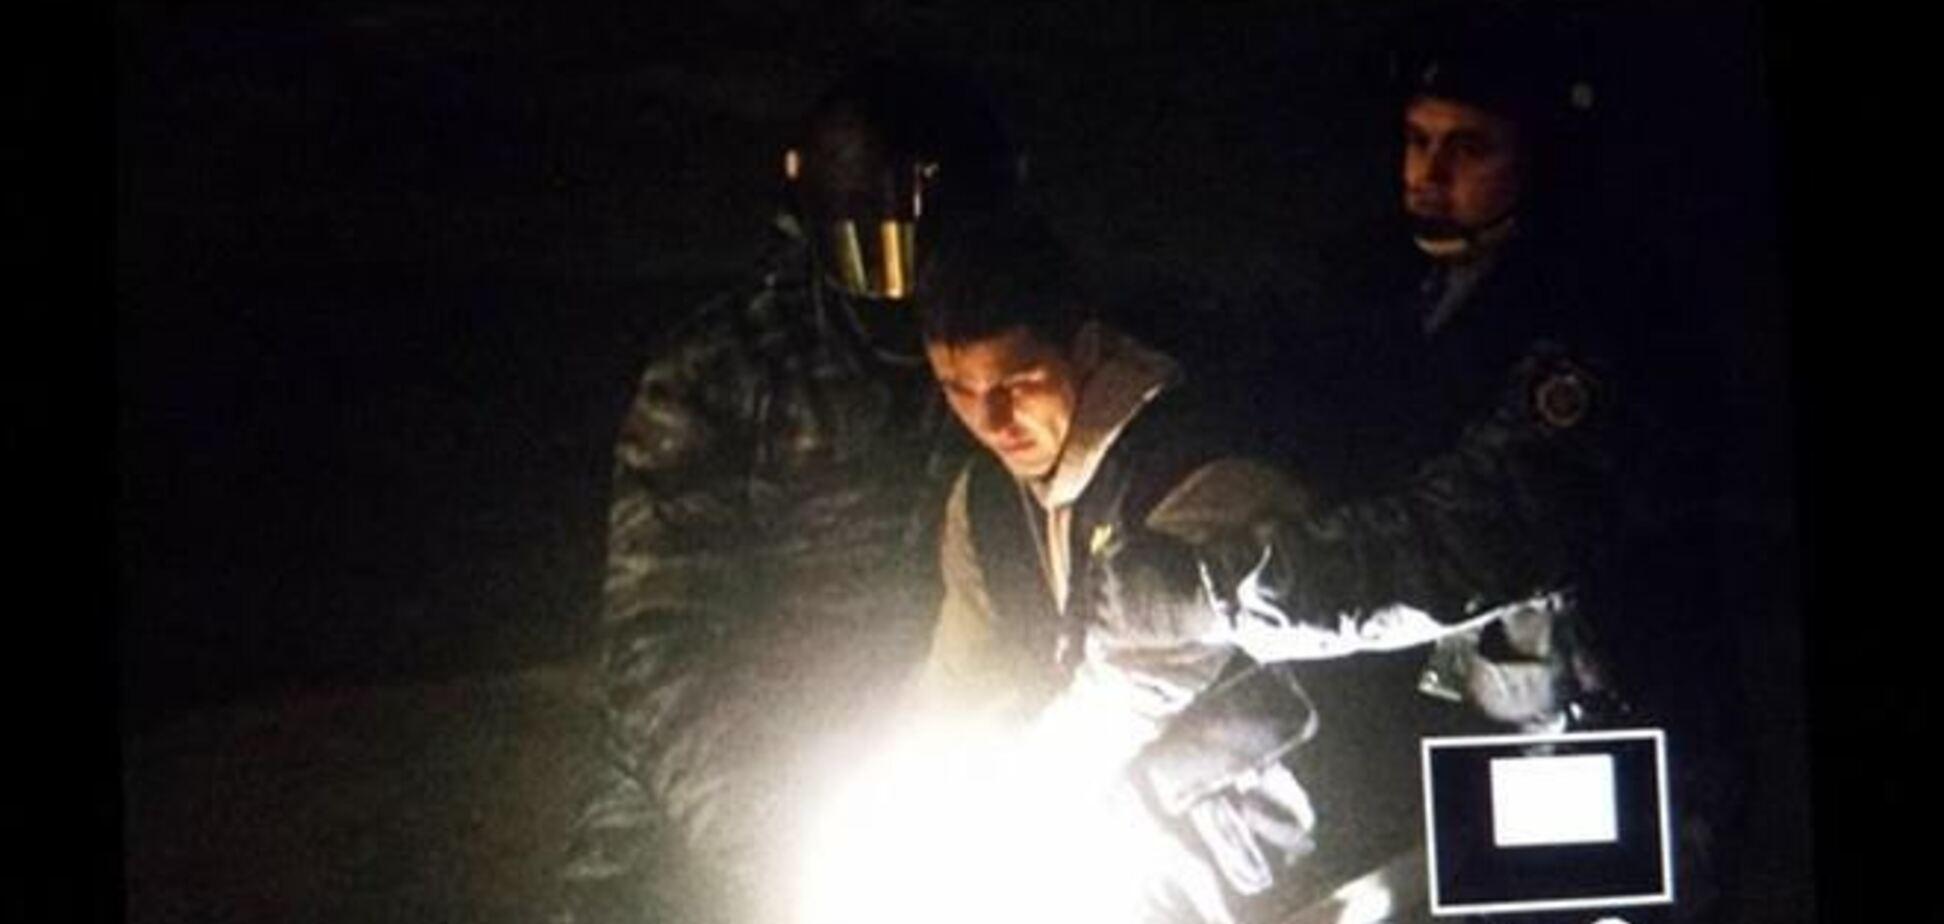 'Беркутовцы' напали на оператора '5 канала' - журналисты